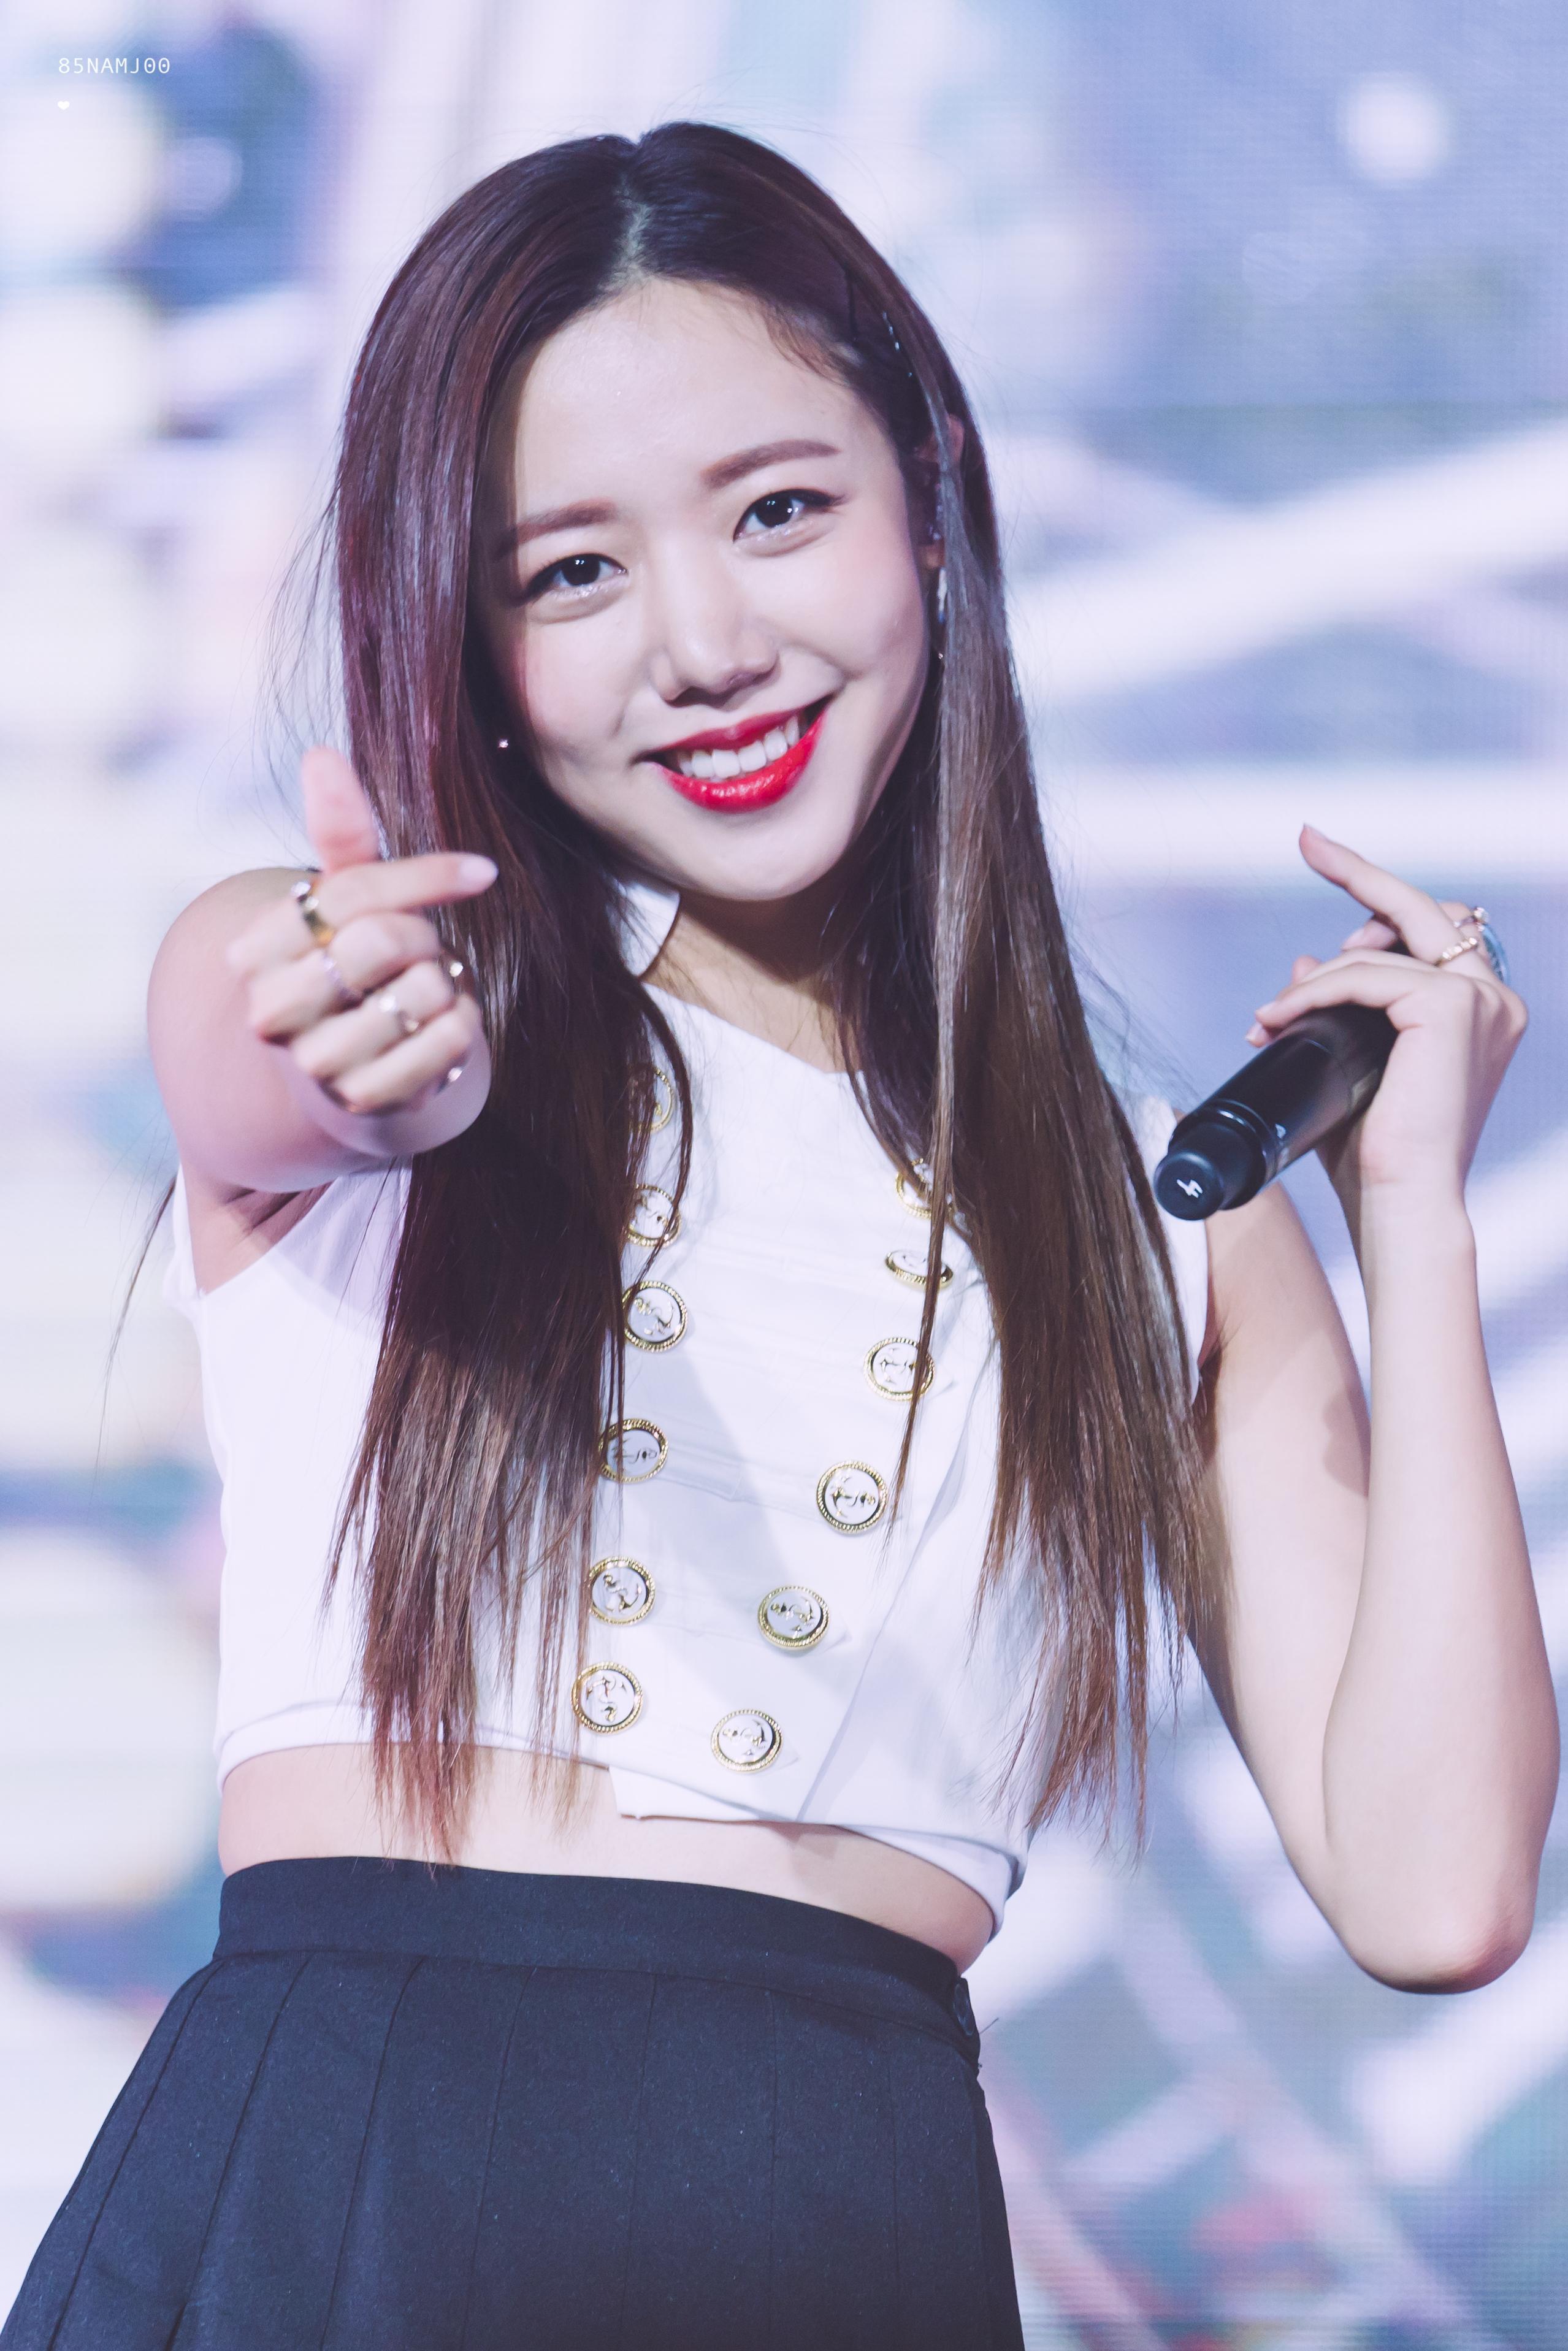 Richest korean celebrity 2019